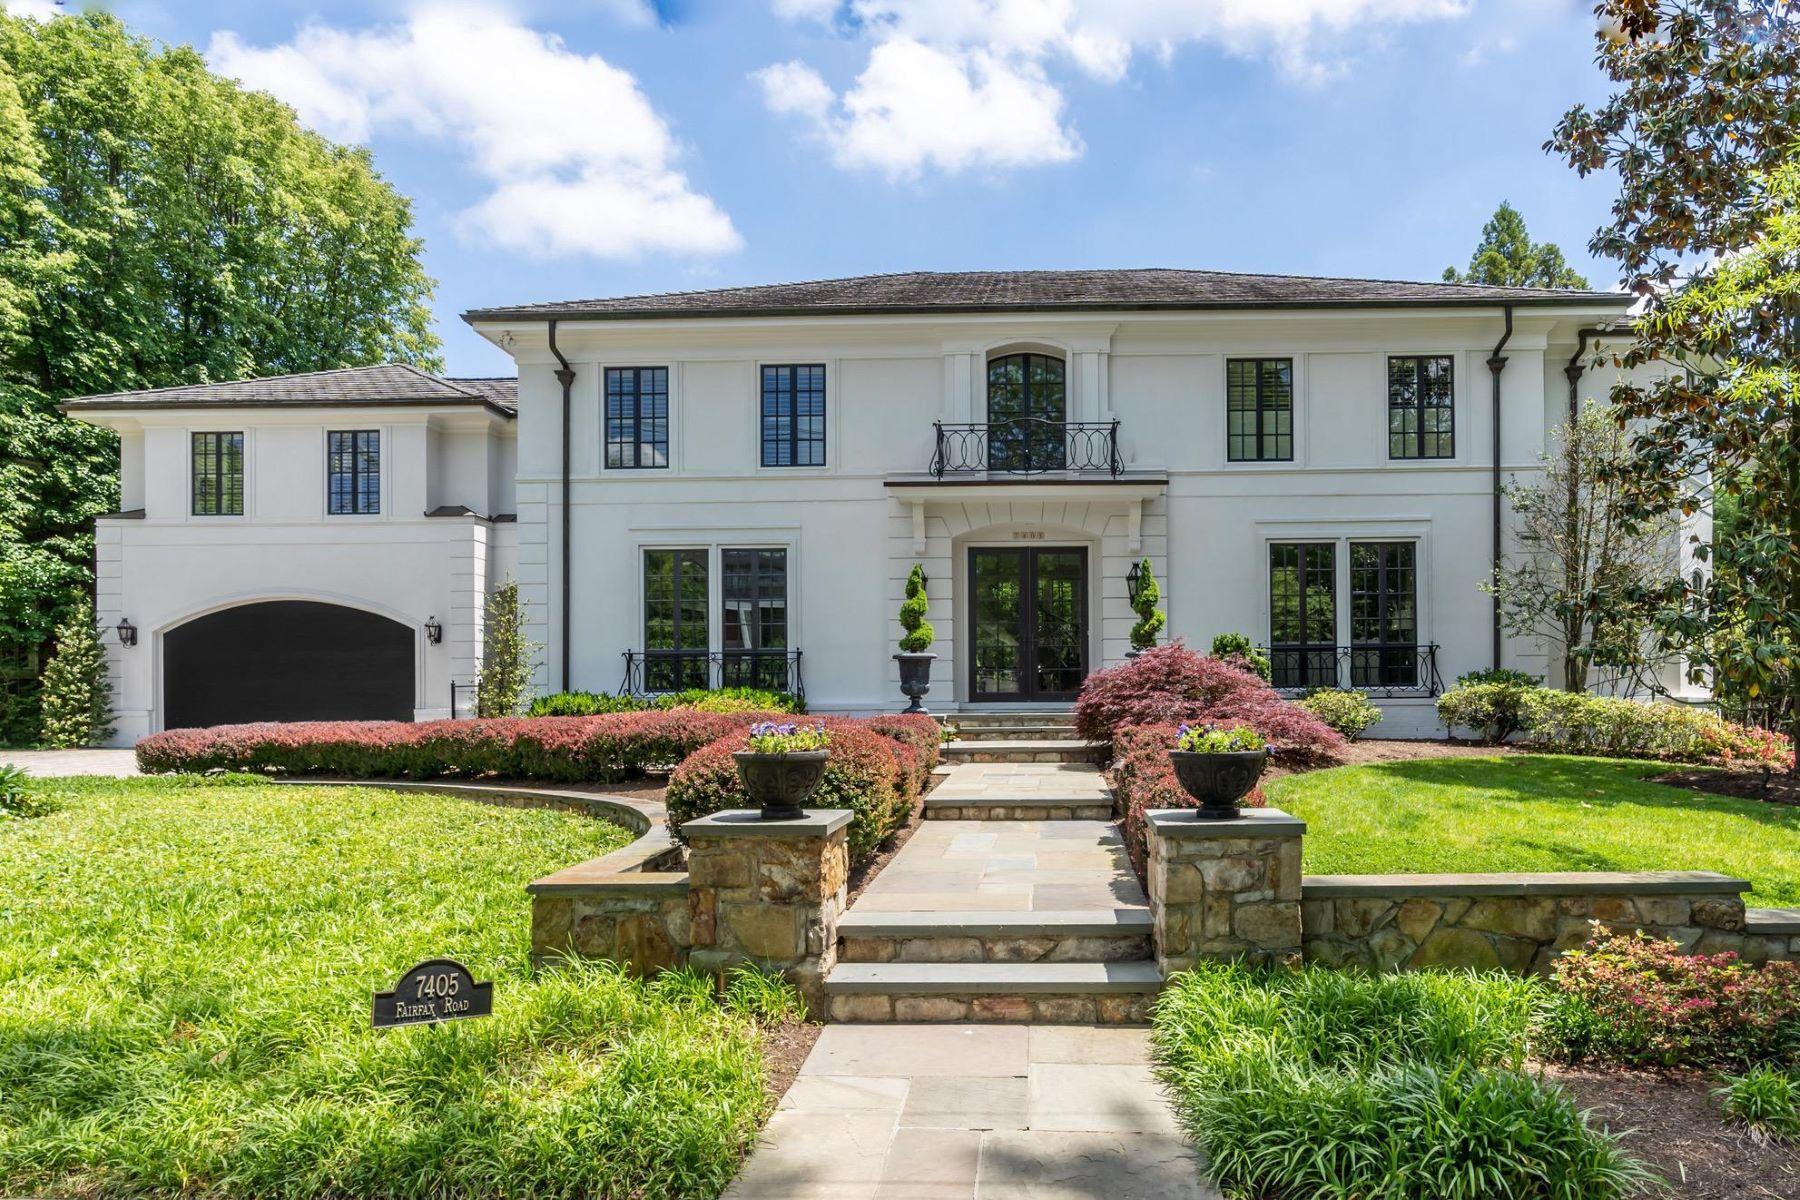 Single Family Homes por un Venta en 7405 Fairfax Rd Bethesda, Maryland 20814 Estados Unidos